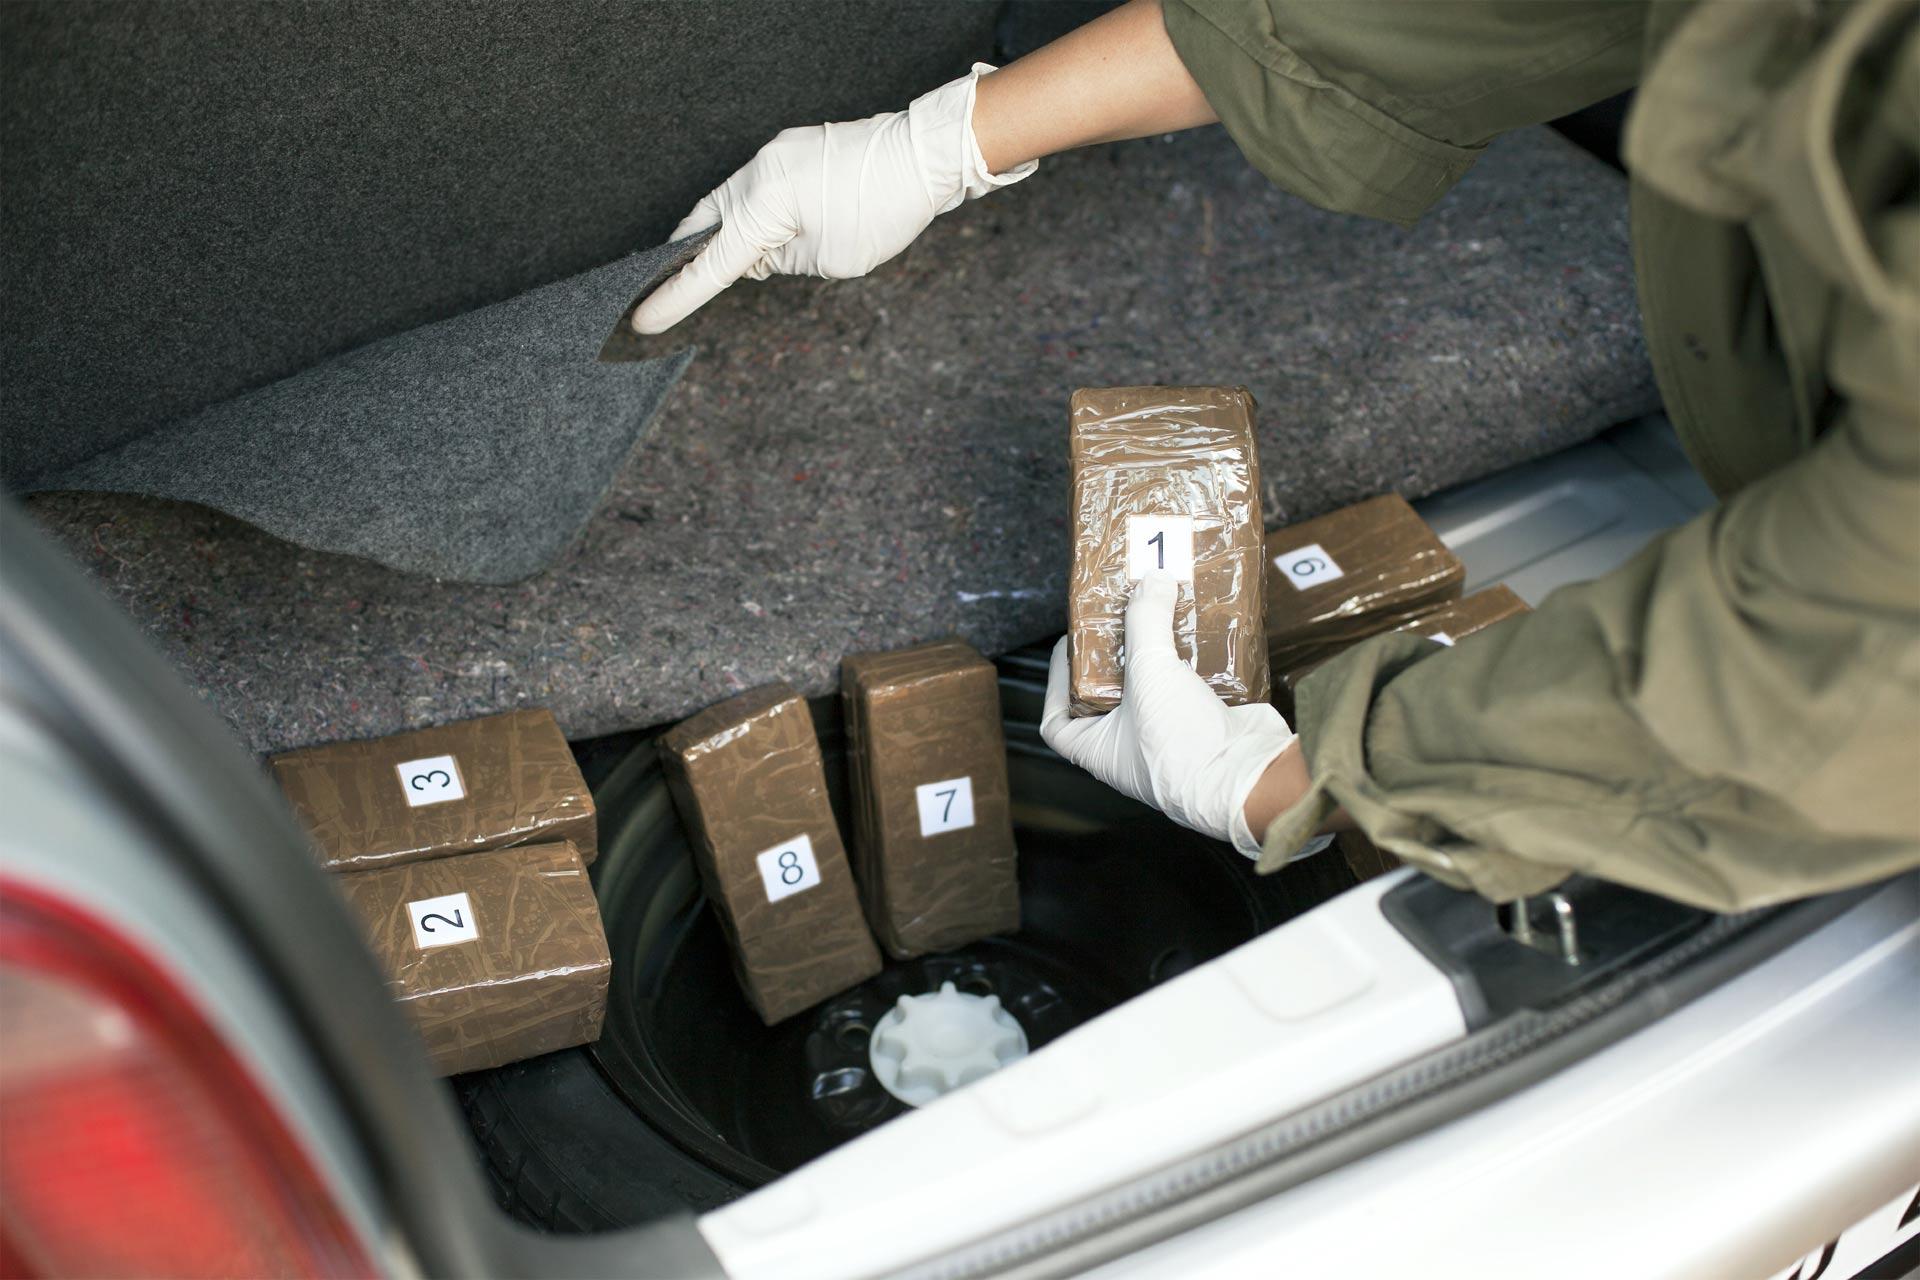 El país aumentará el patrullaje en todas sus fronteras para combatir el tráfico de drogas, vehículos y otros productos